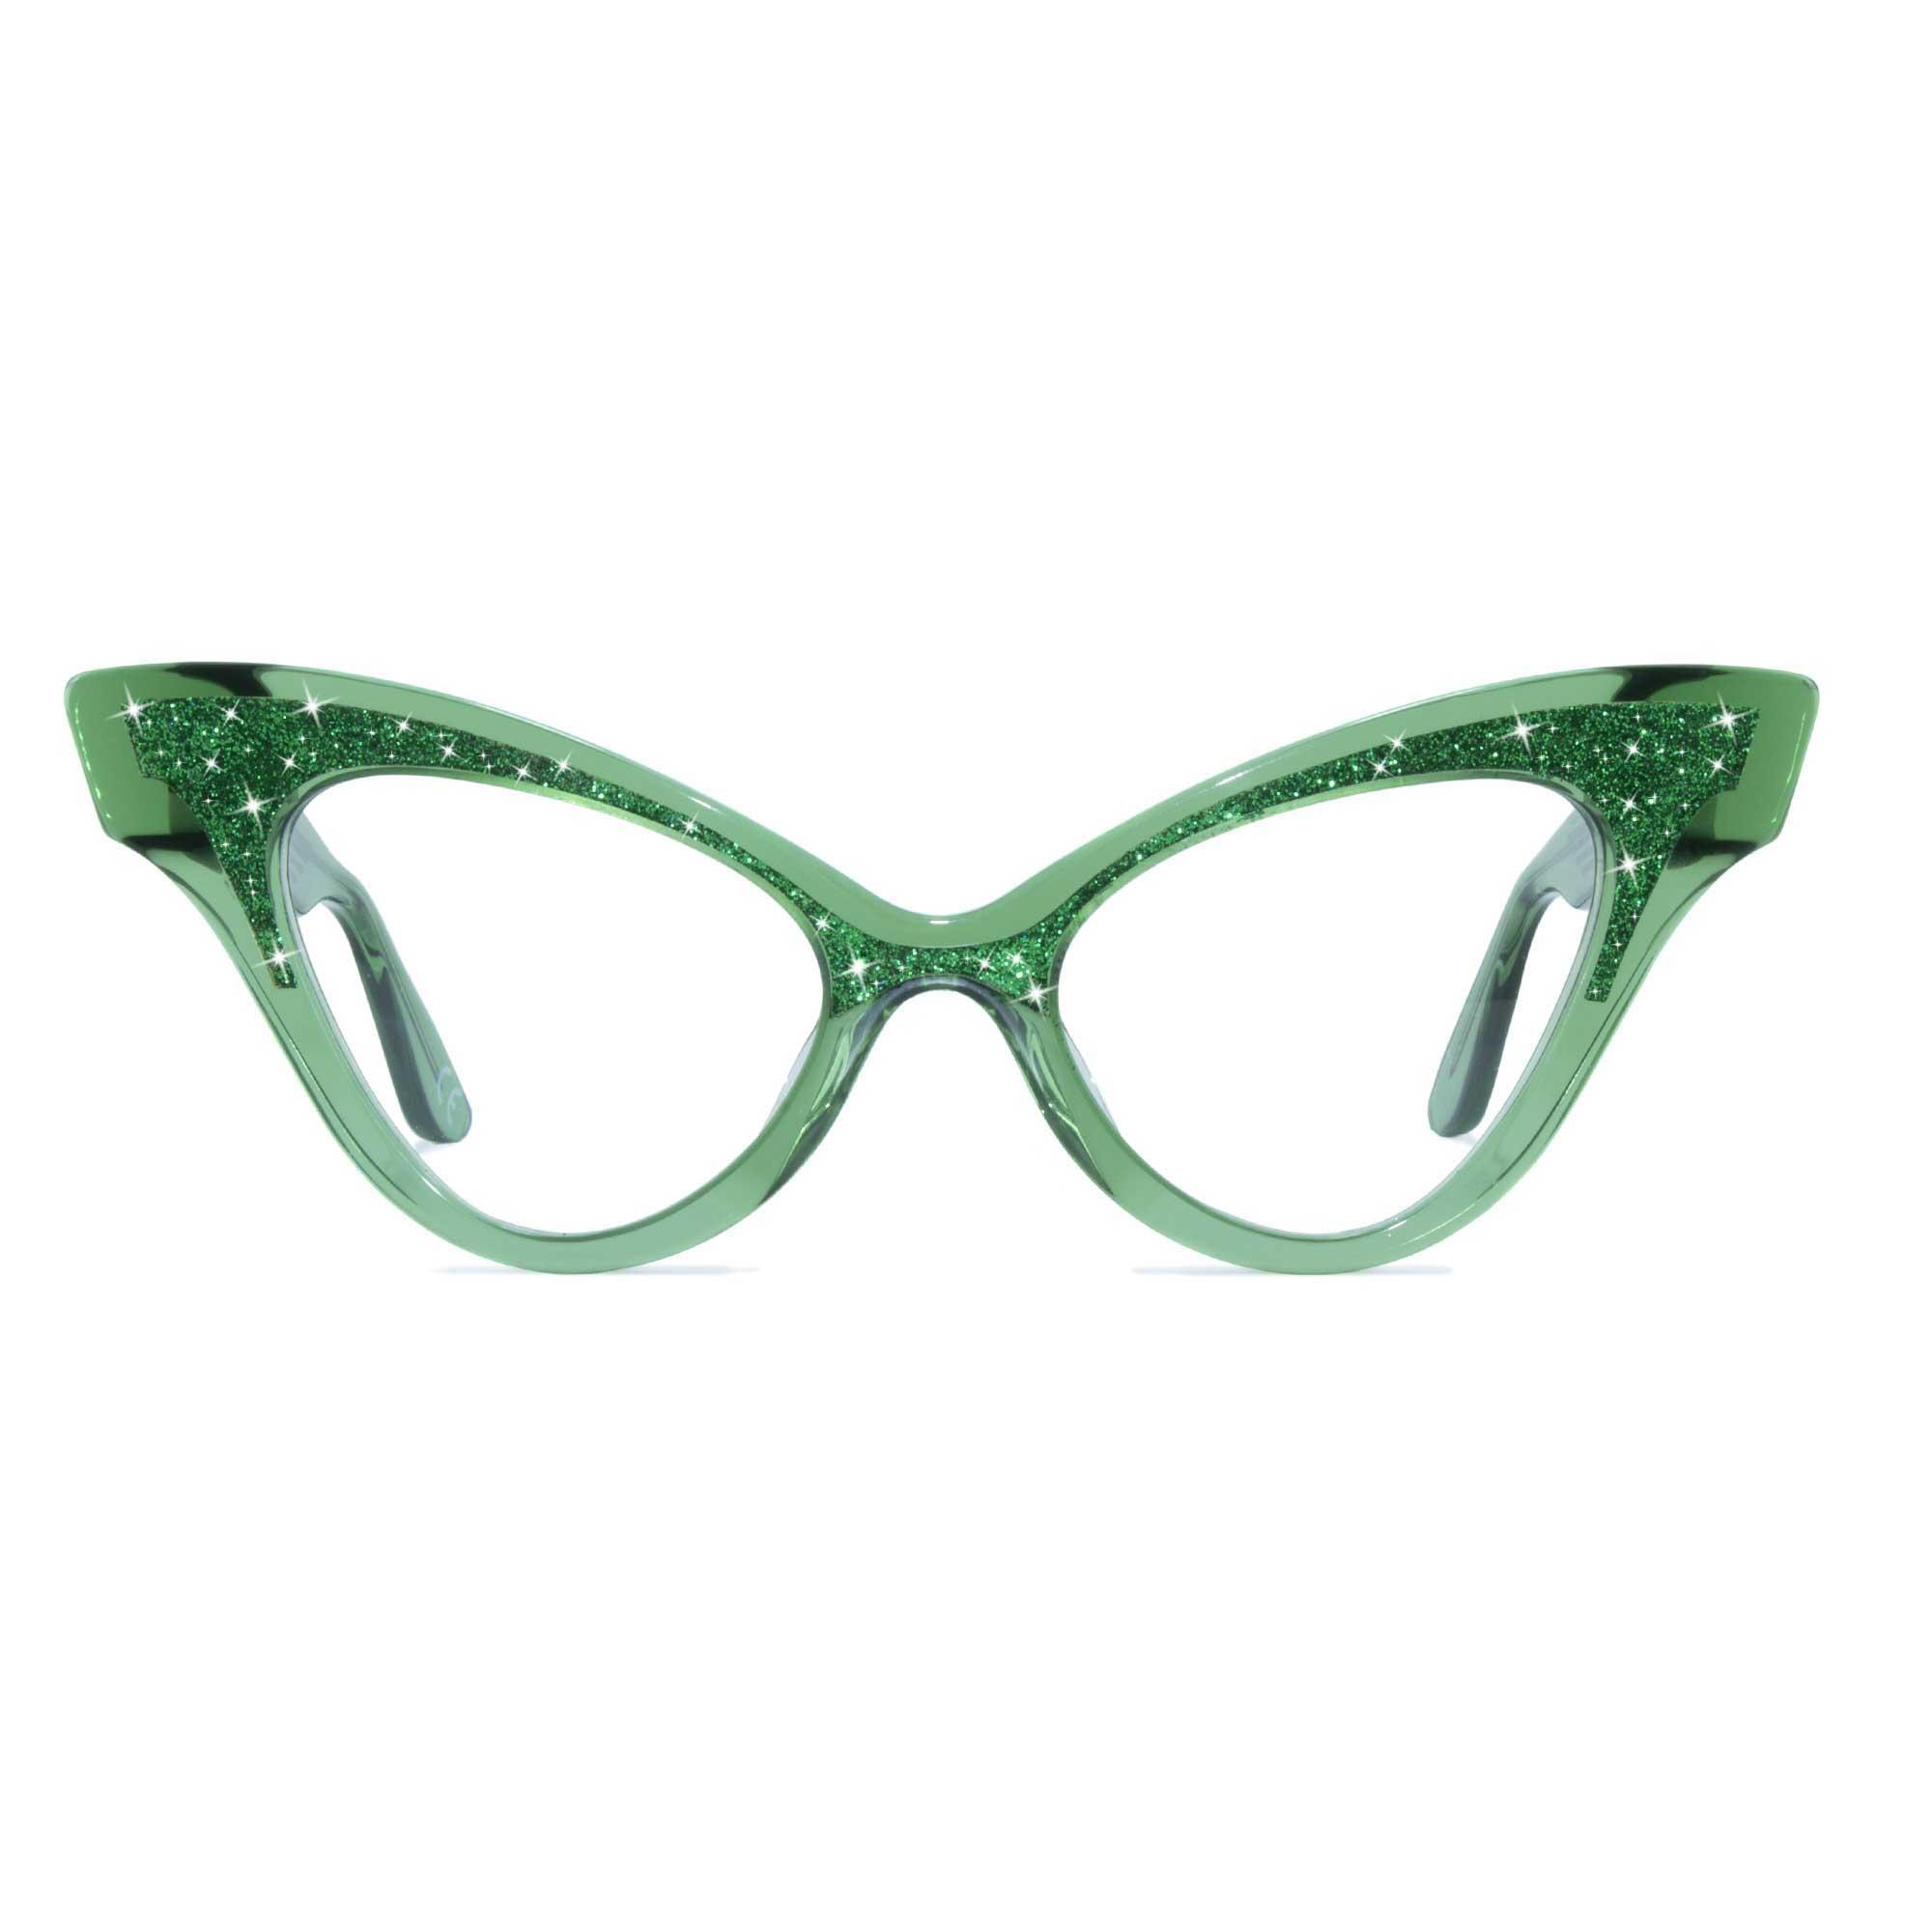 Glasses for women by JOIUSS model. Glimmer